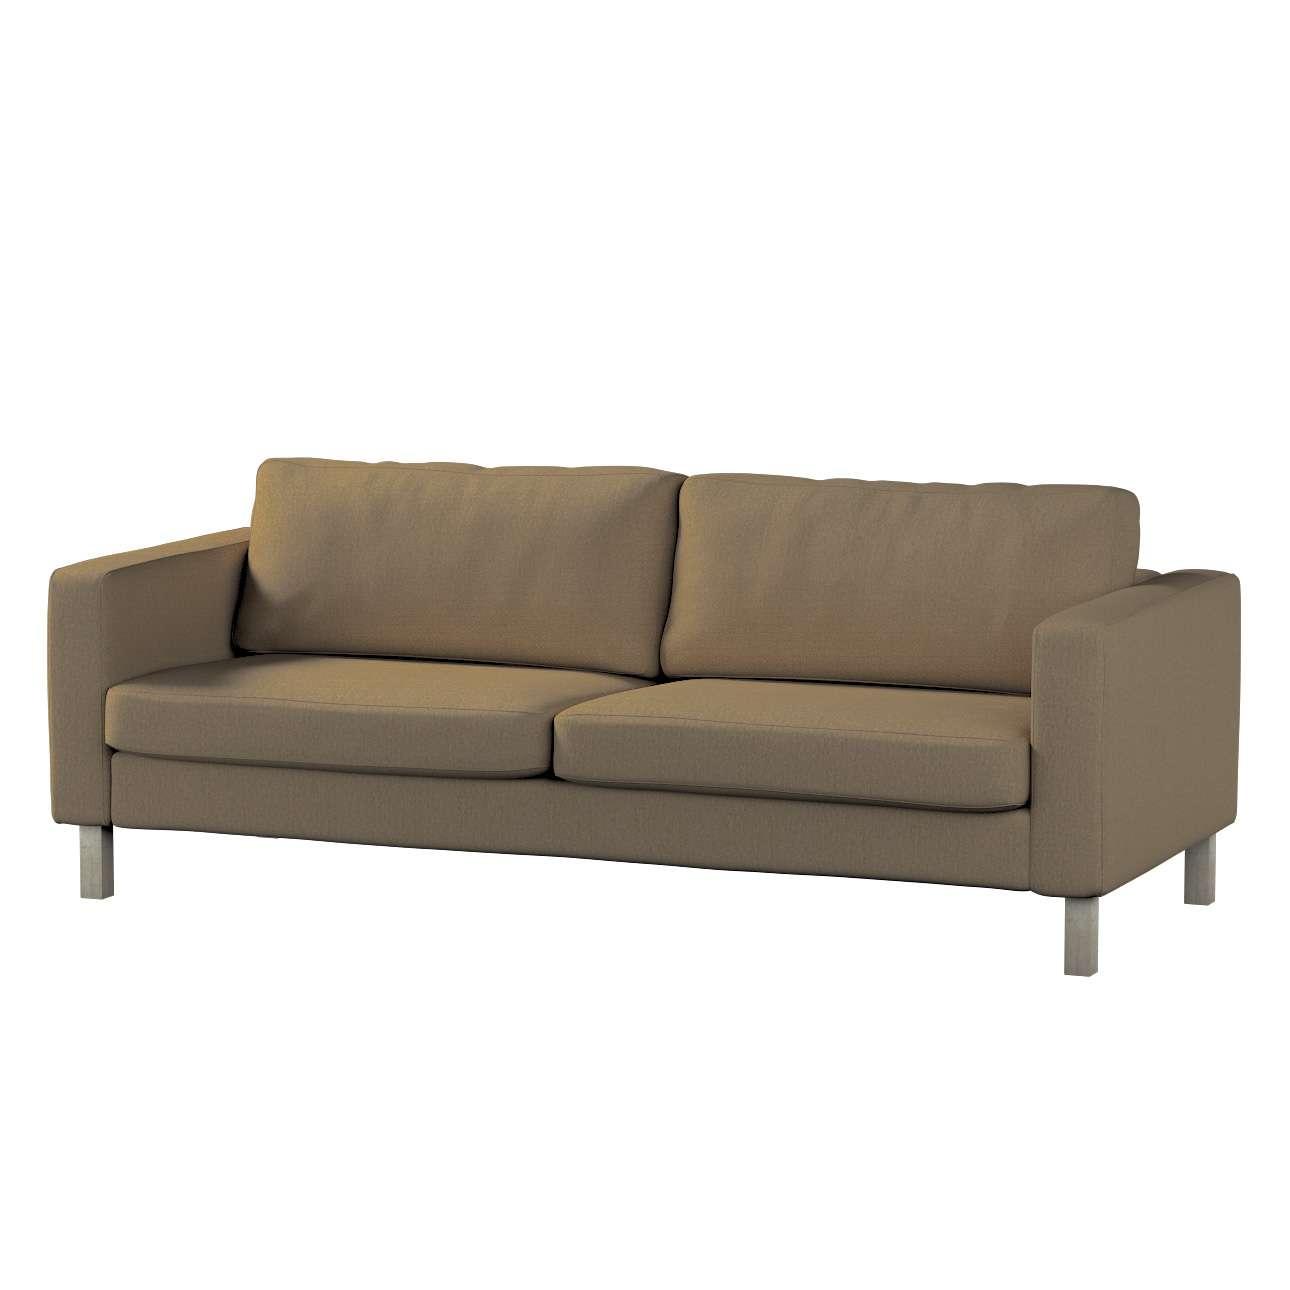 Pokrowiec na sofę Karlstad rozkładaną, krótki Sofa Karlstad 3-os rozkładana w kolekcji Chenille, tkanina: 702-21